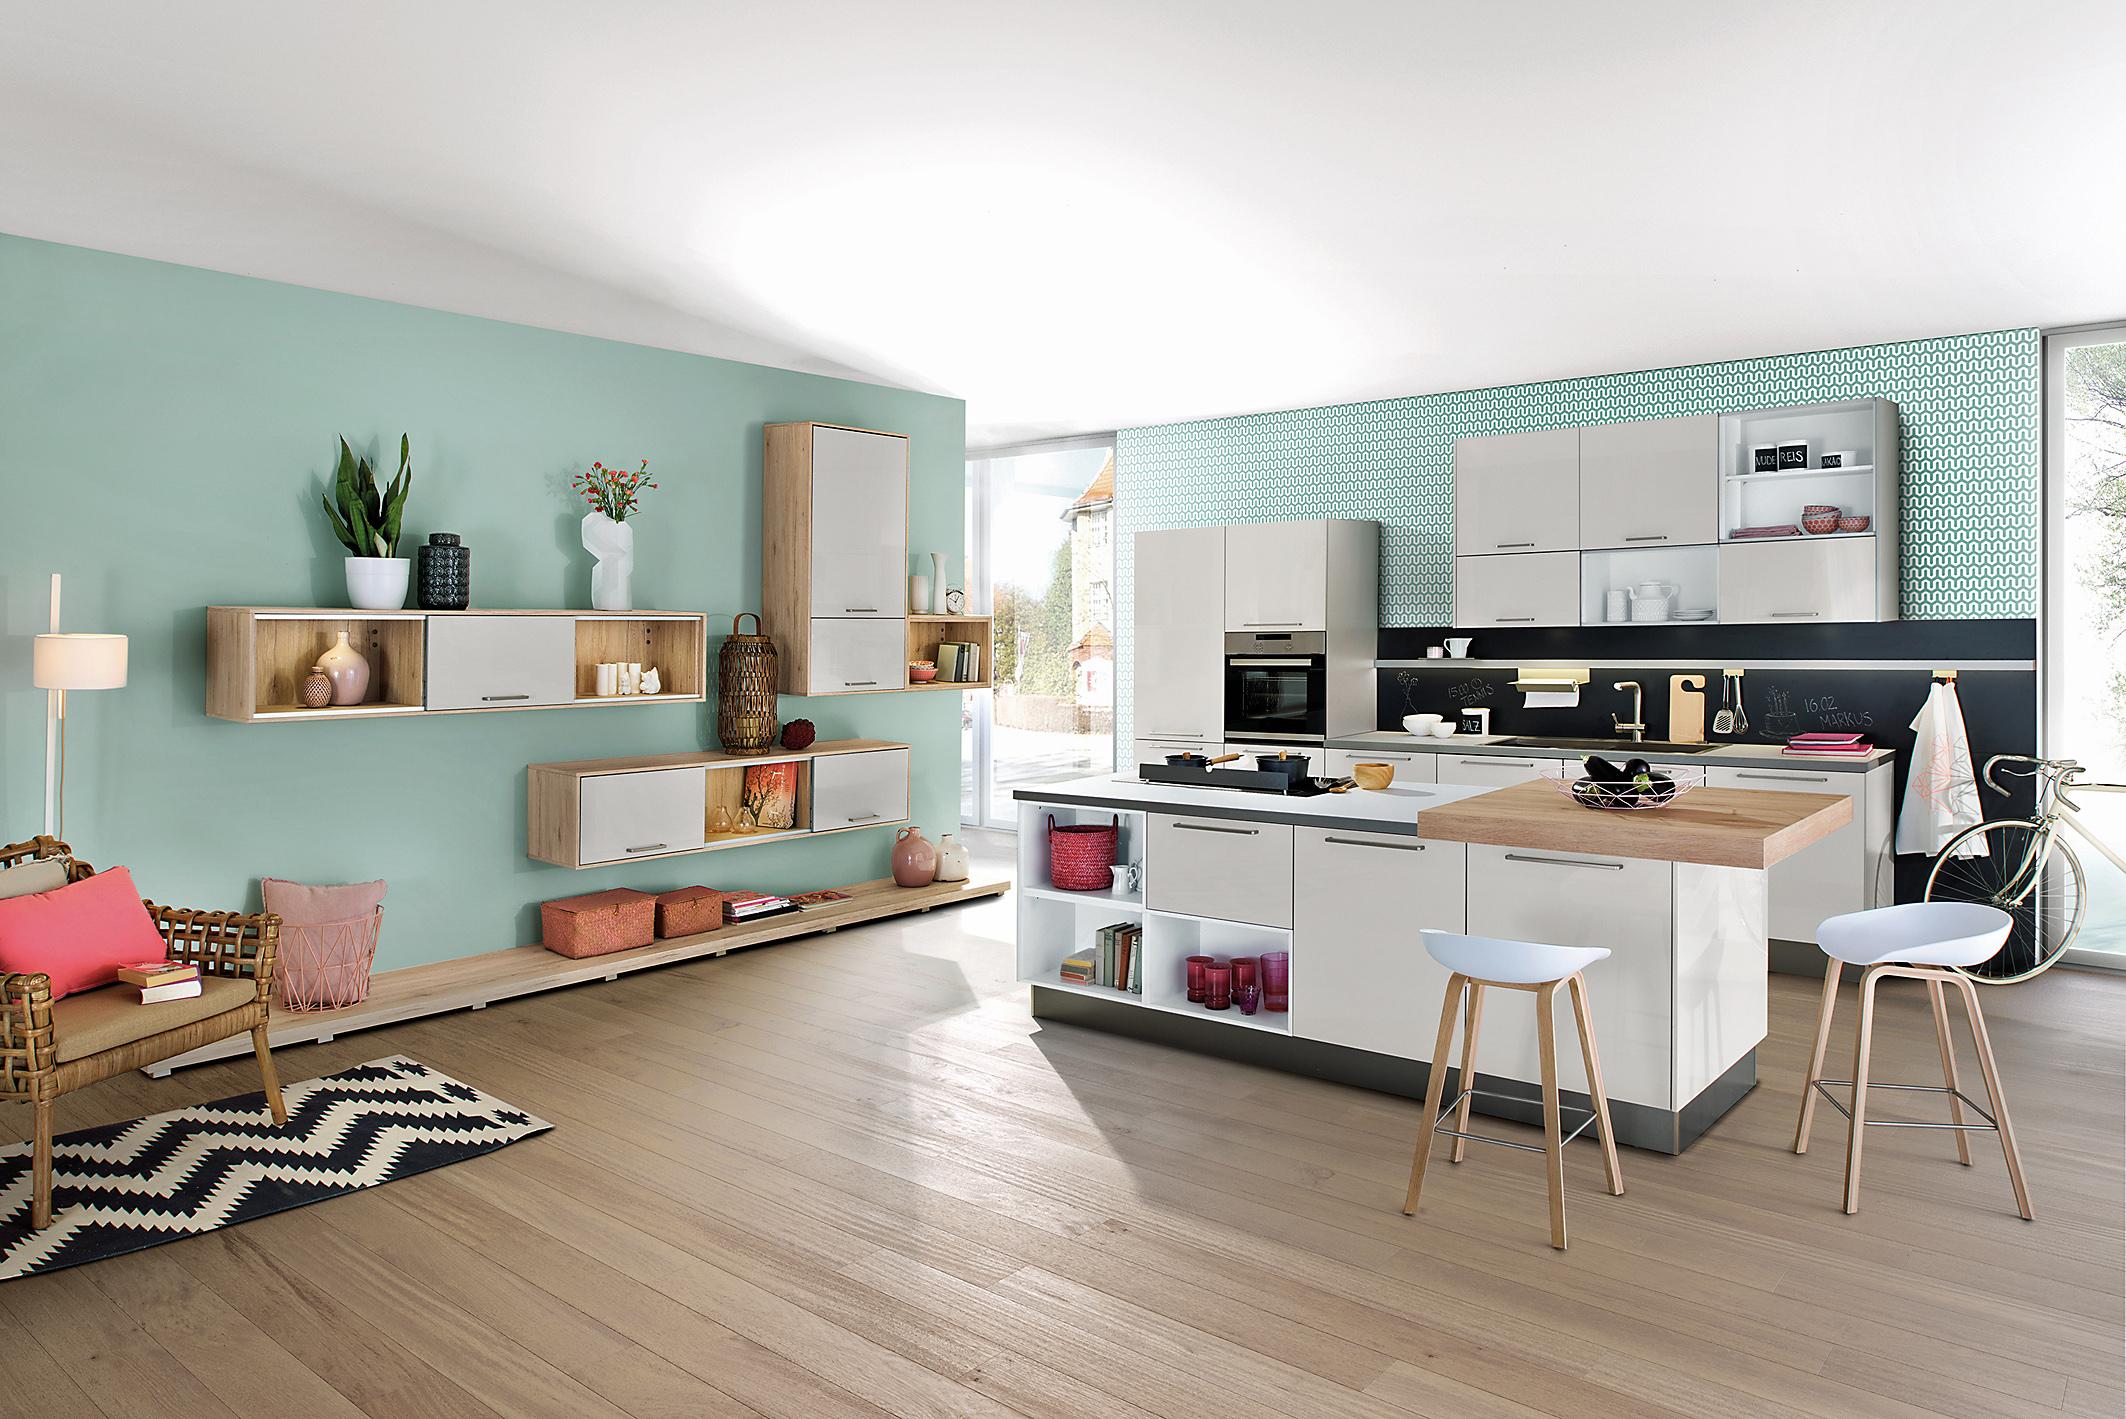 ob gro oder klein eine gute planung macht die neue k che professionell und komfortabel amk. Black Bedroom Furniture Sets. Home Design Ideas